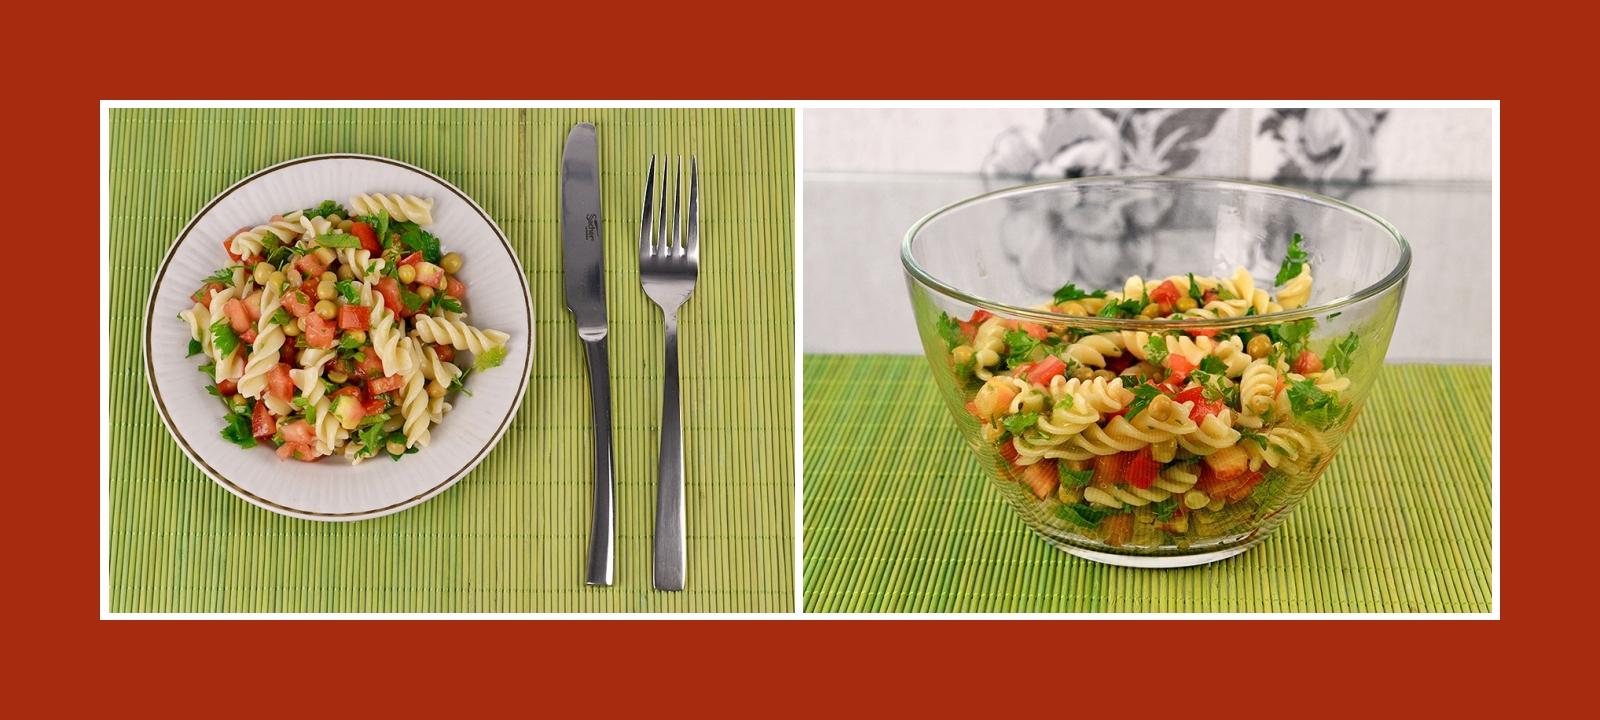 Nudelsalat mit Erbsen und frischem Gemüse und Kräutern